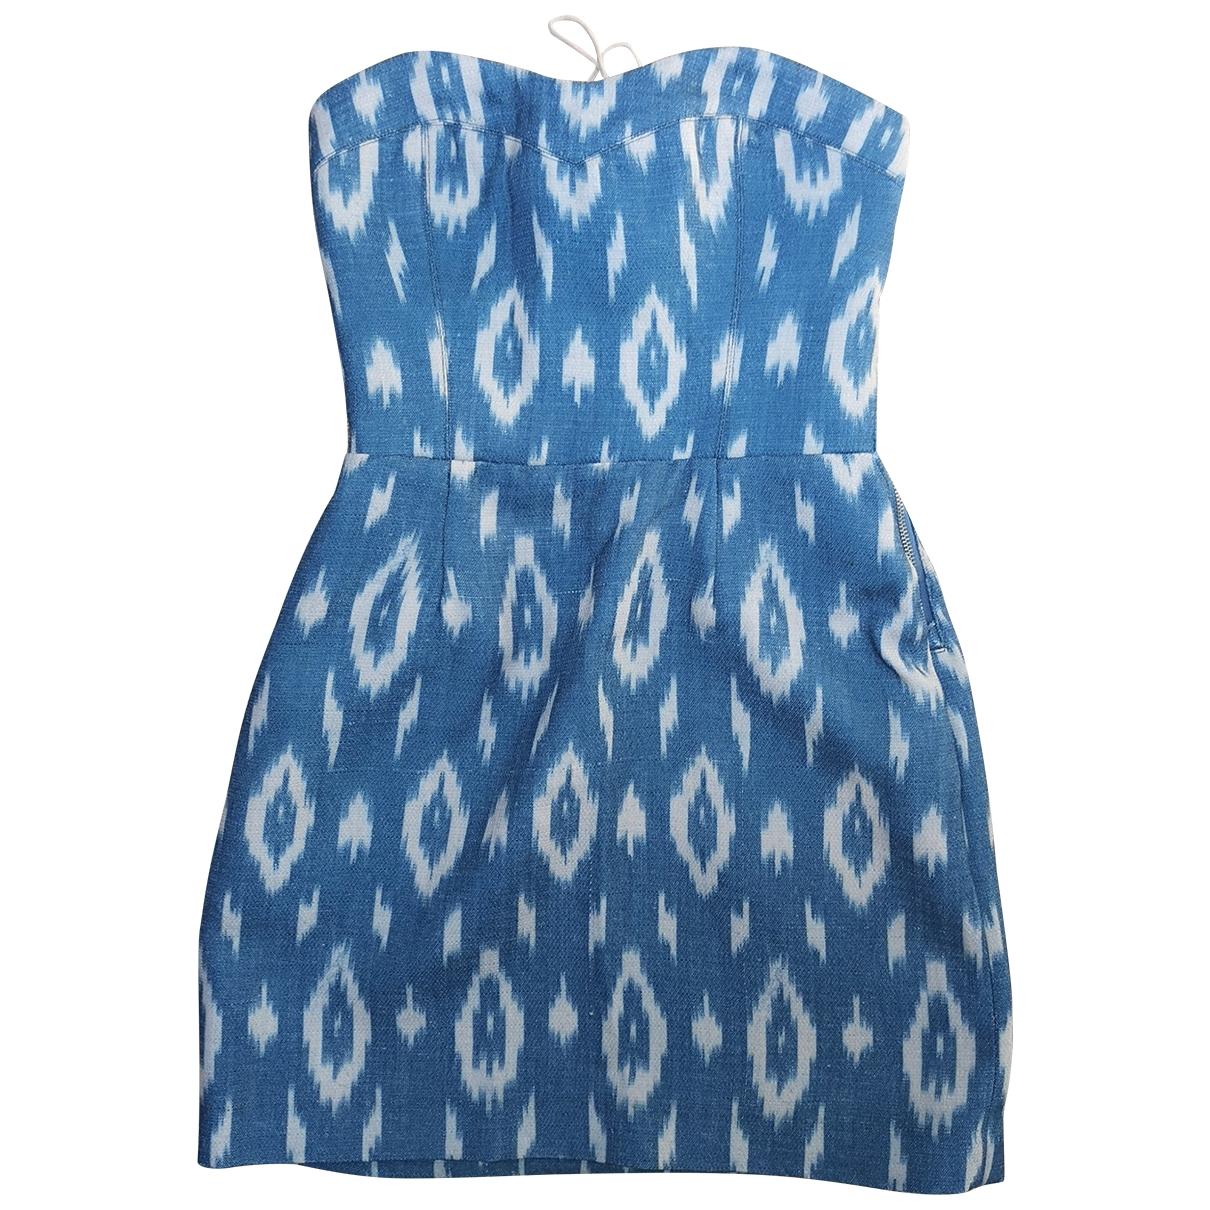 Dolce Vita \N Kleid in  Blau Baumwolle